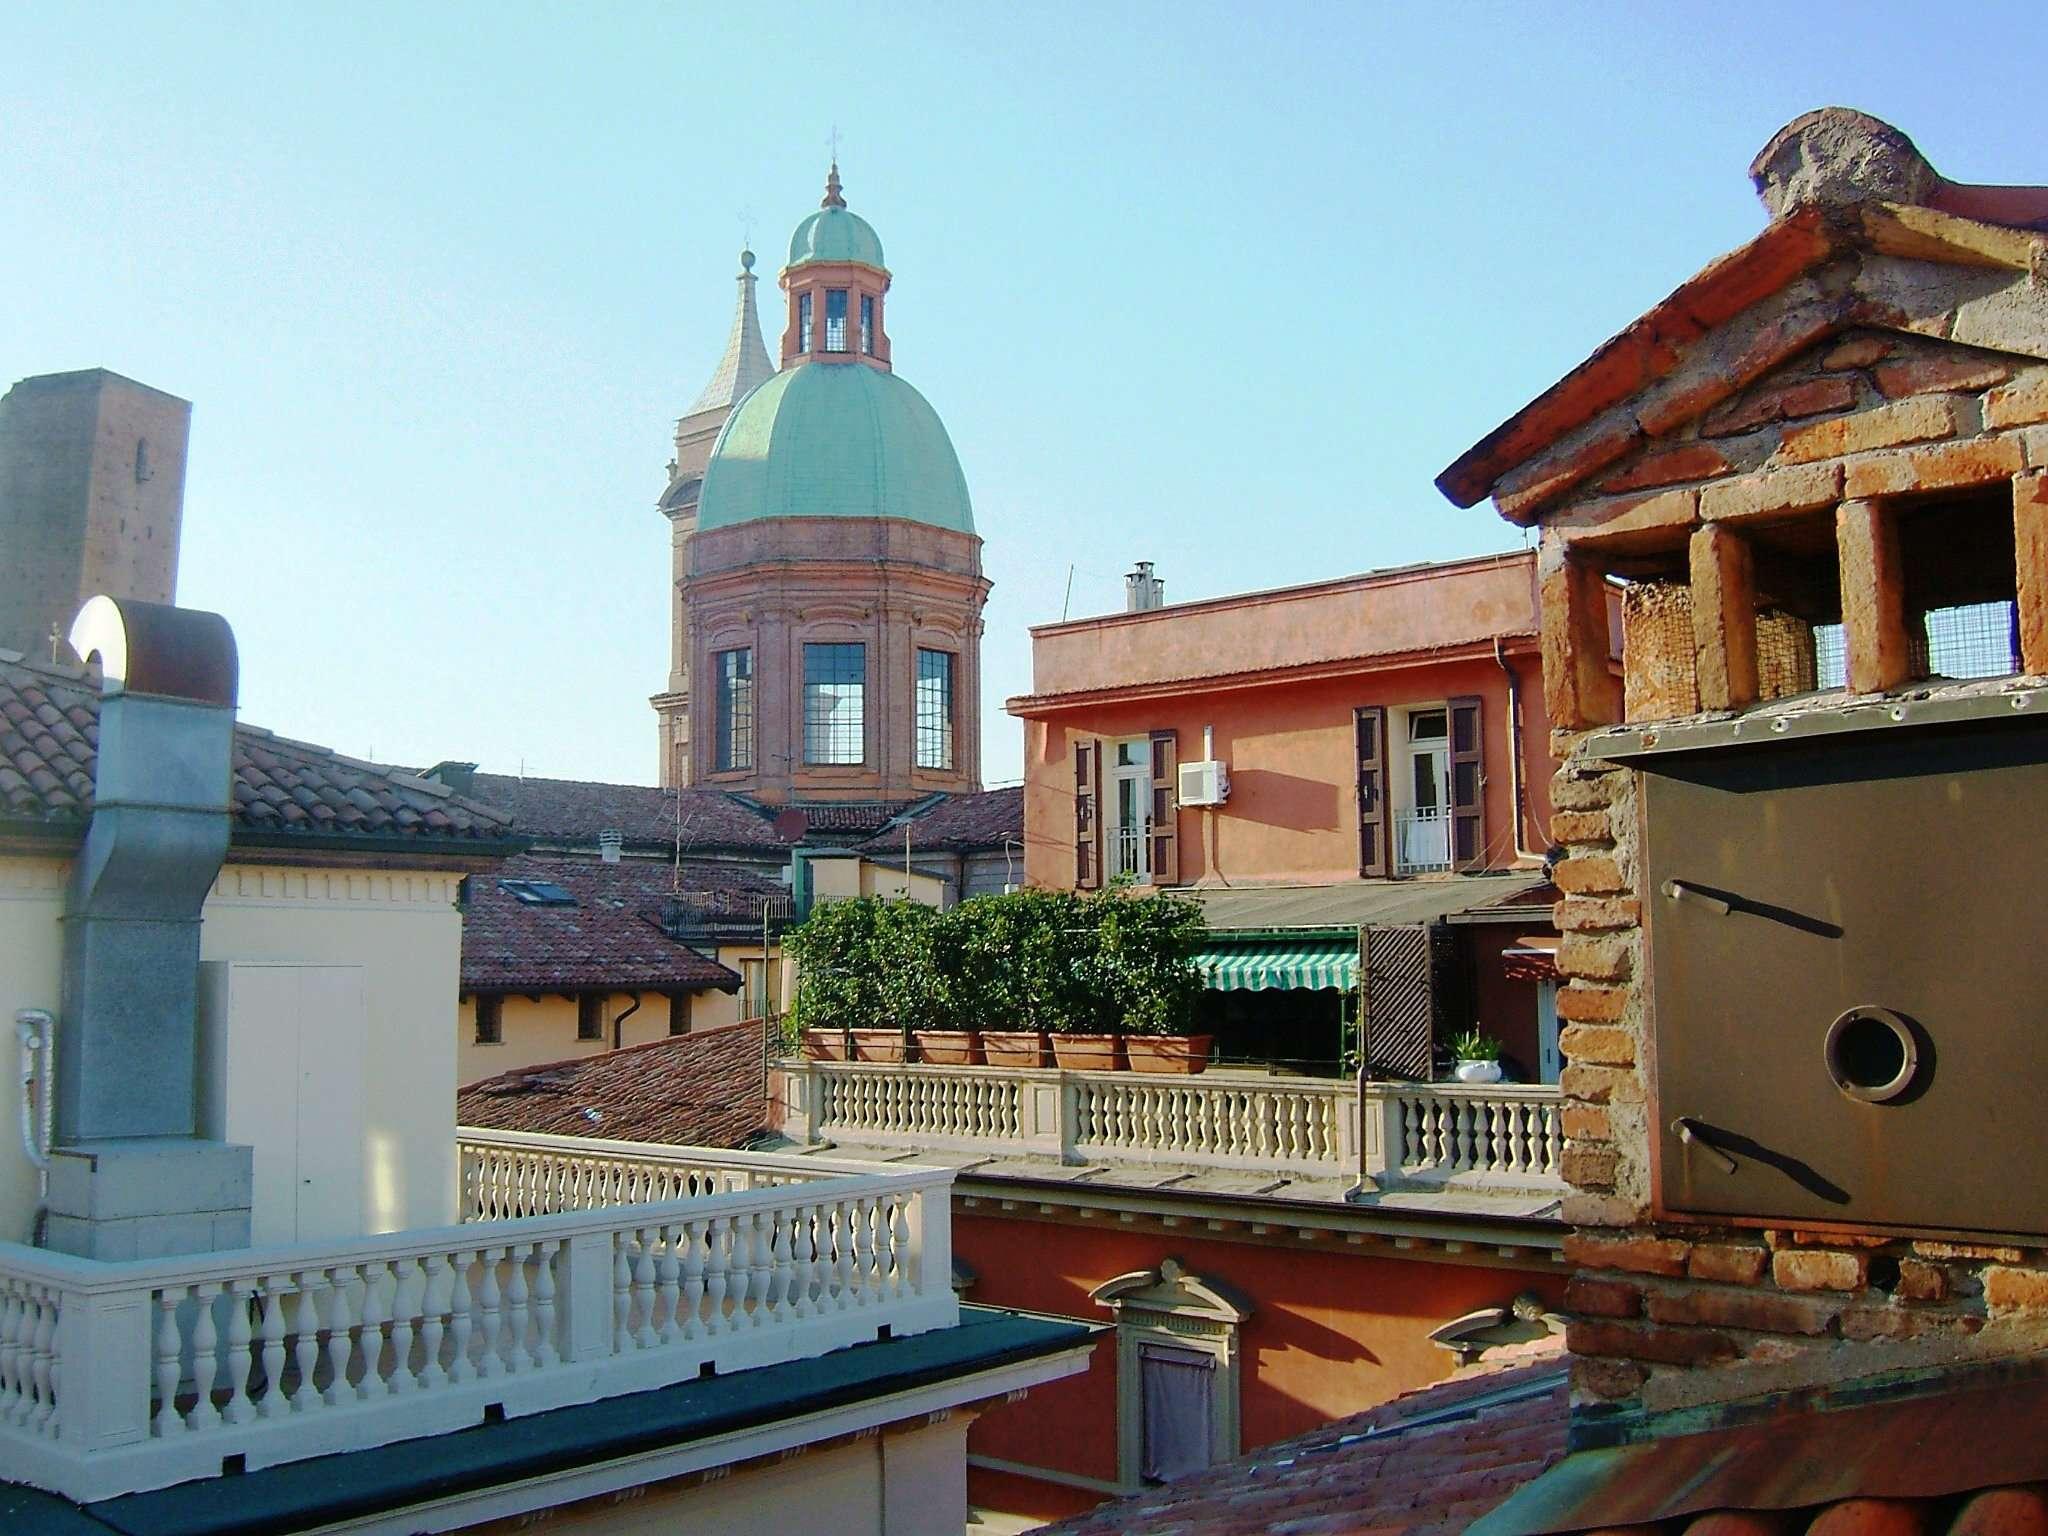 Appartamento in affitto a Bologna, 4 locali, zona Zona: 1 . Centro Storico, prezzo € 1.100   Cambio Casa.it